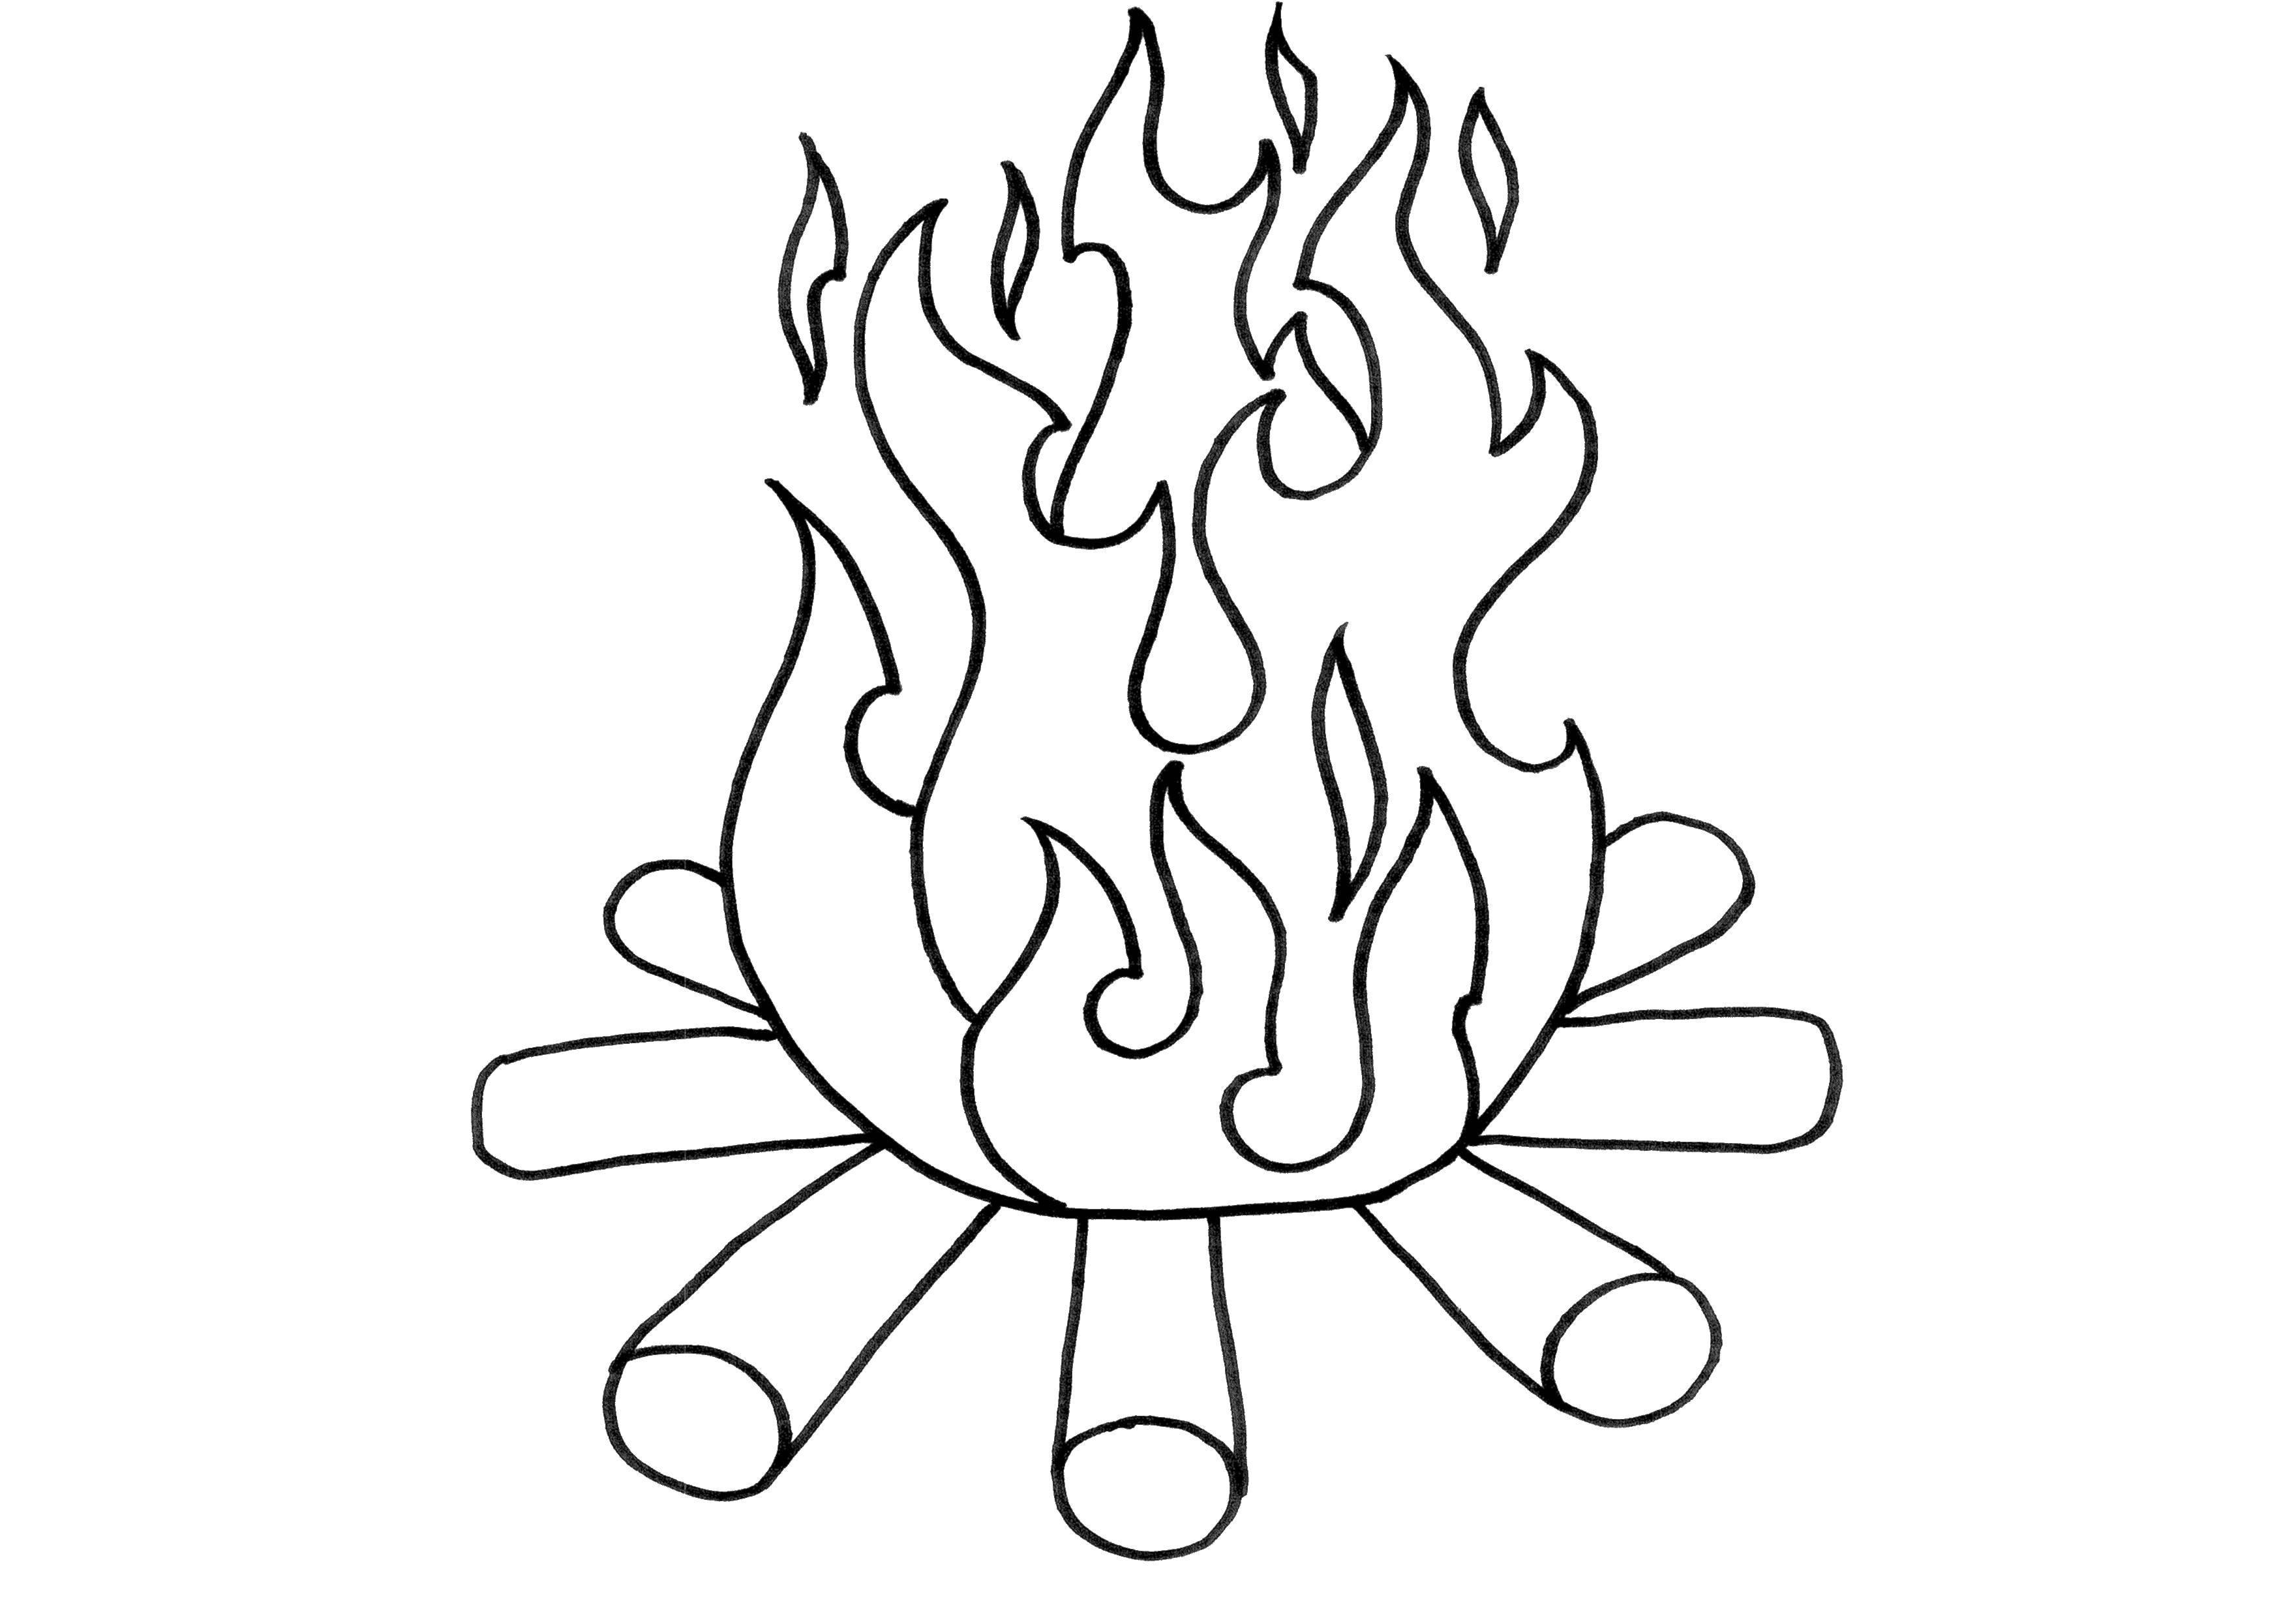 Раскраска Огонь Скачать огонь, пожар, дрова.  Распечатать ,Огонь,